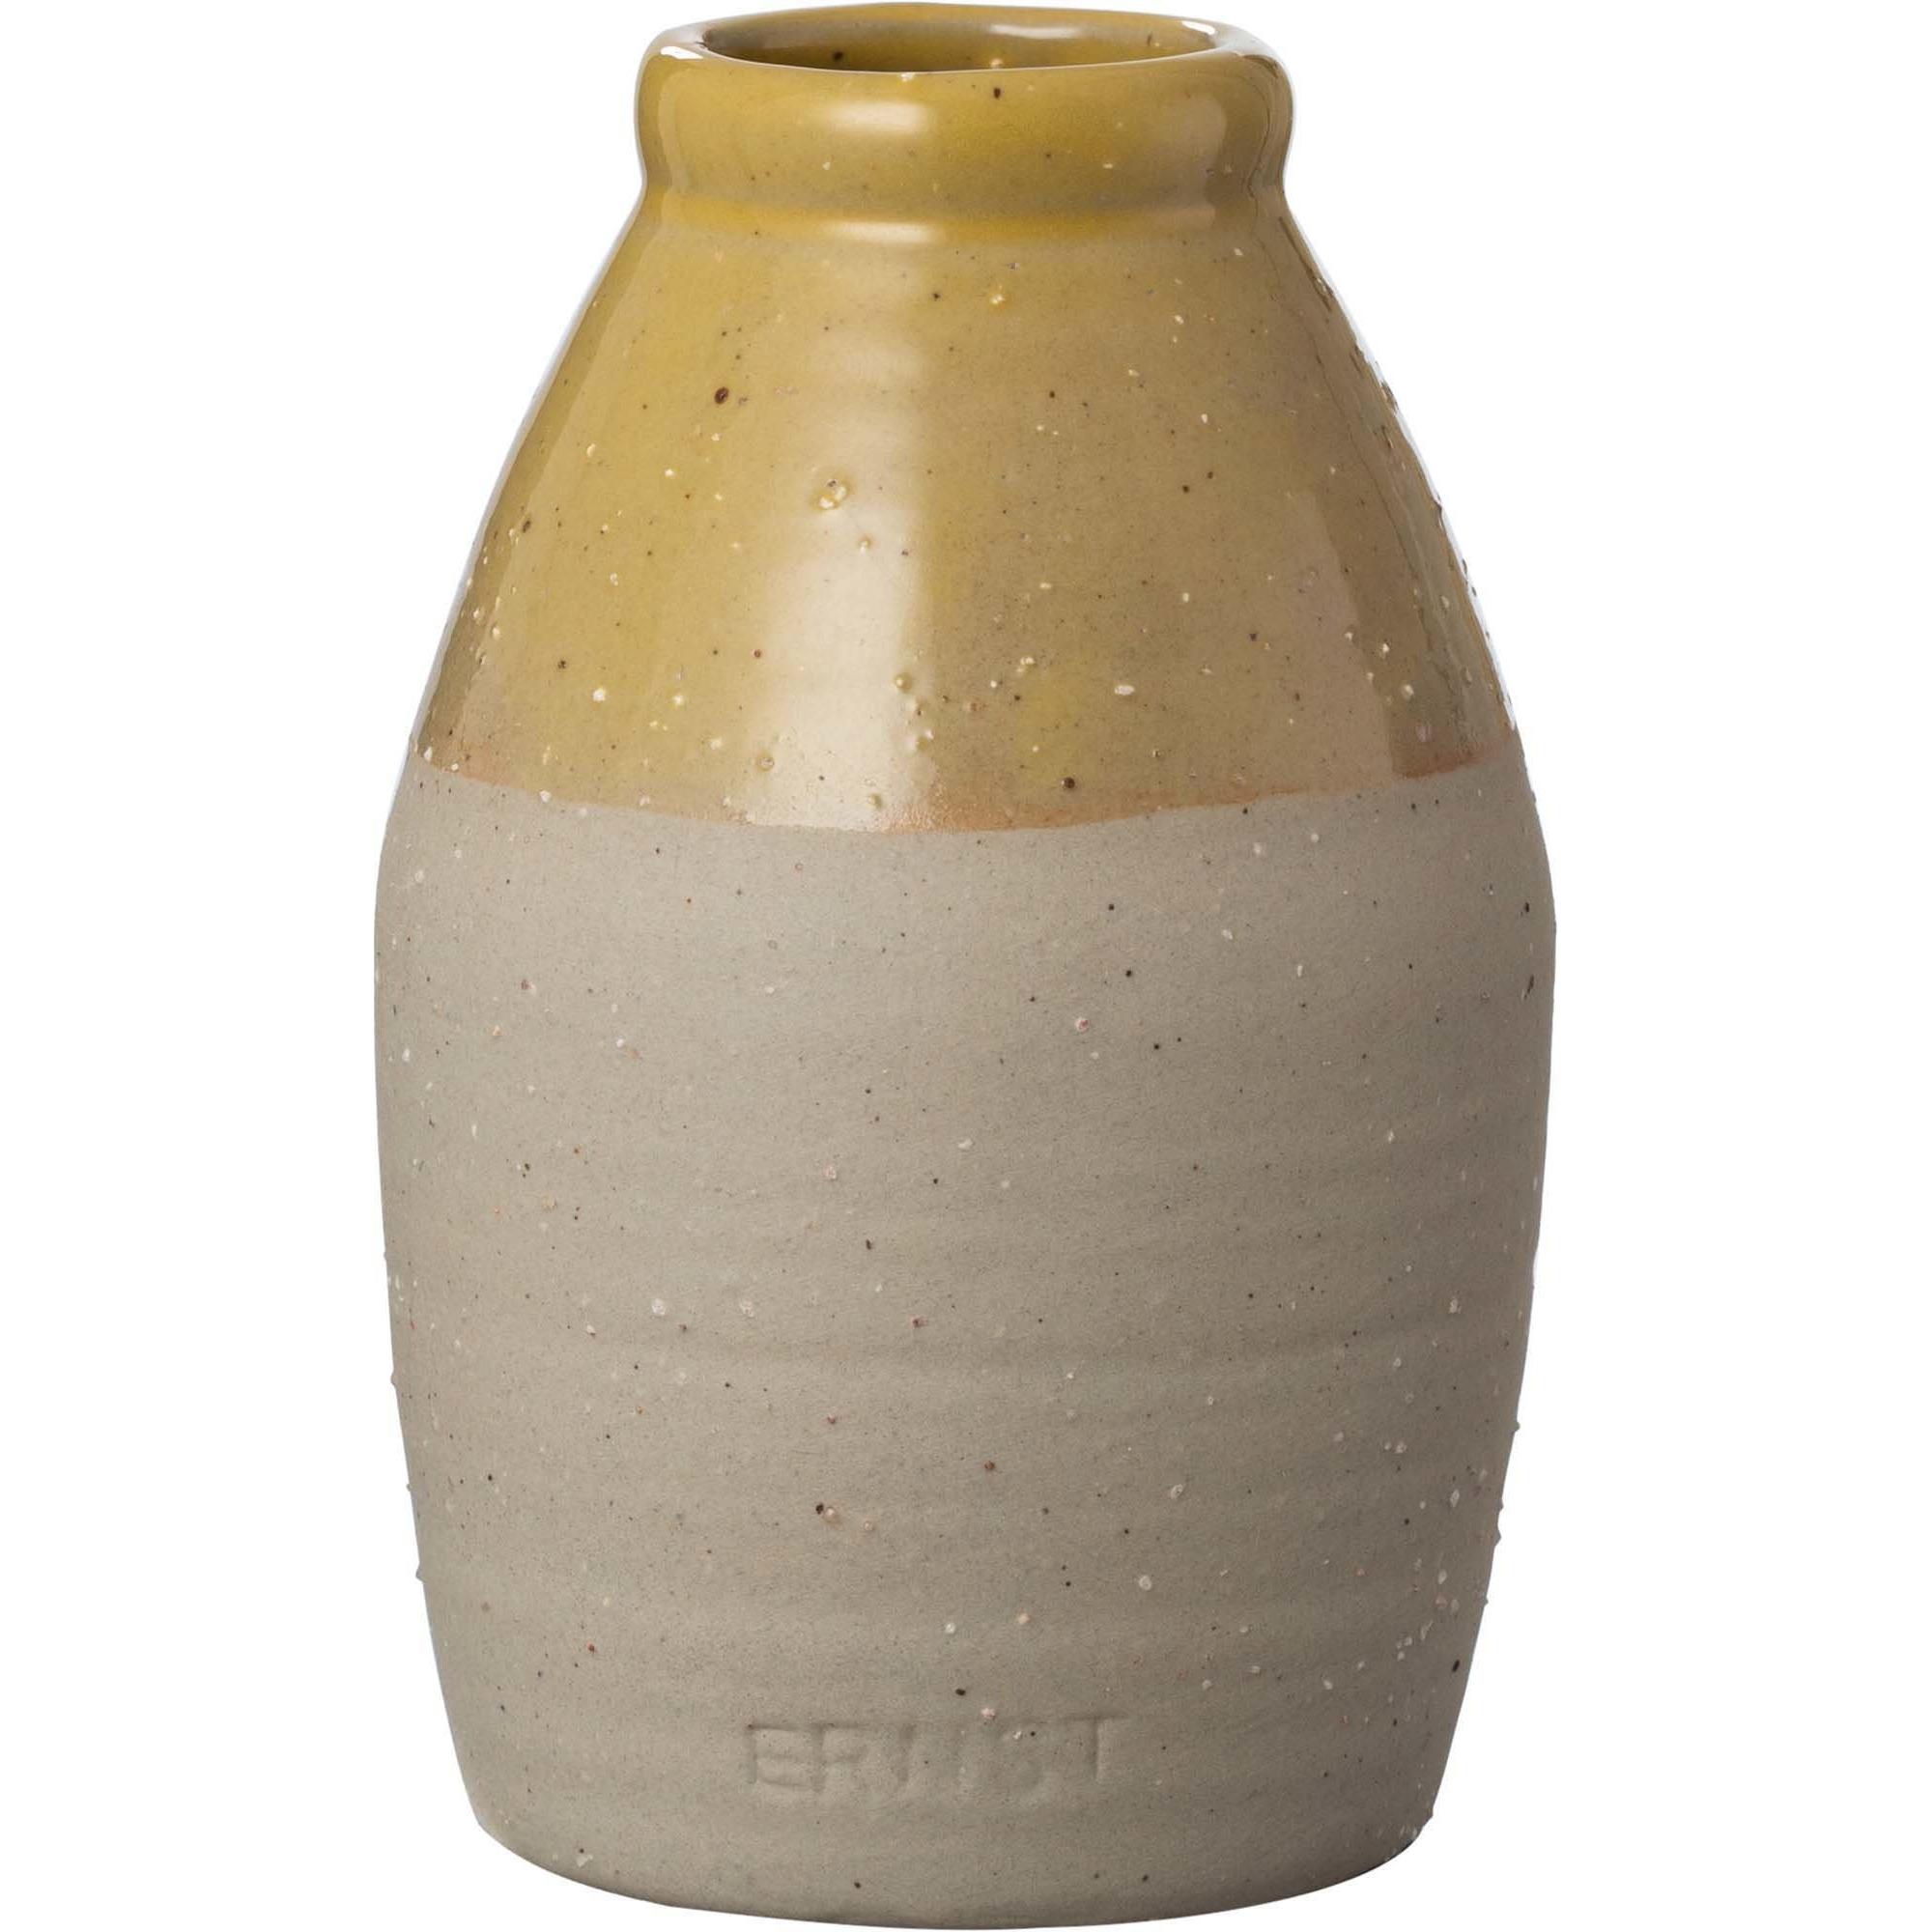 Ernst Vas halvglaserad d7 h11 sand/gul